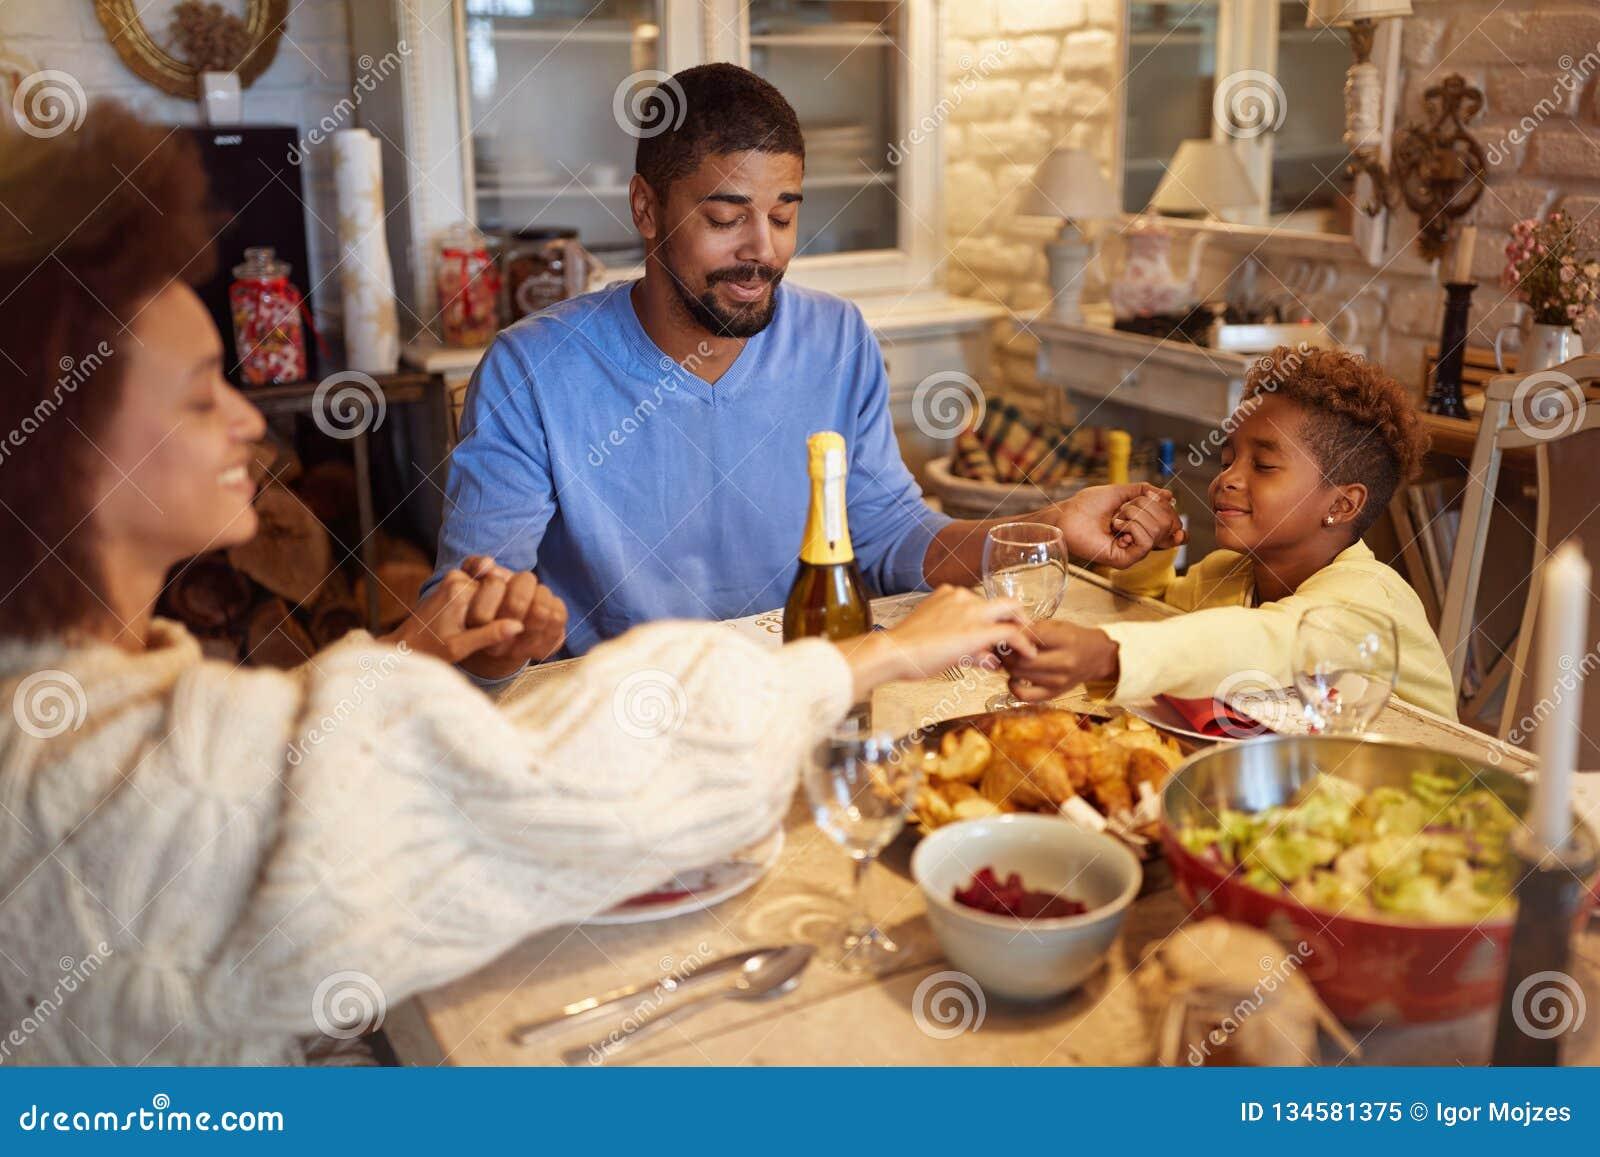 Christmas Dinner Prayer.Family Having Christmas Prayer For Dinner At Home Stock